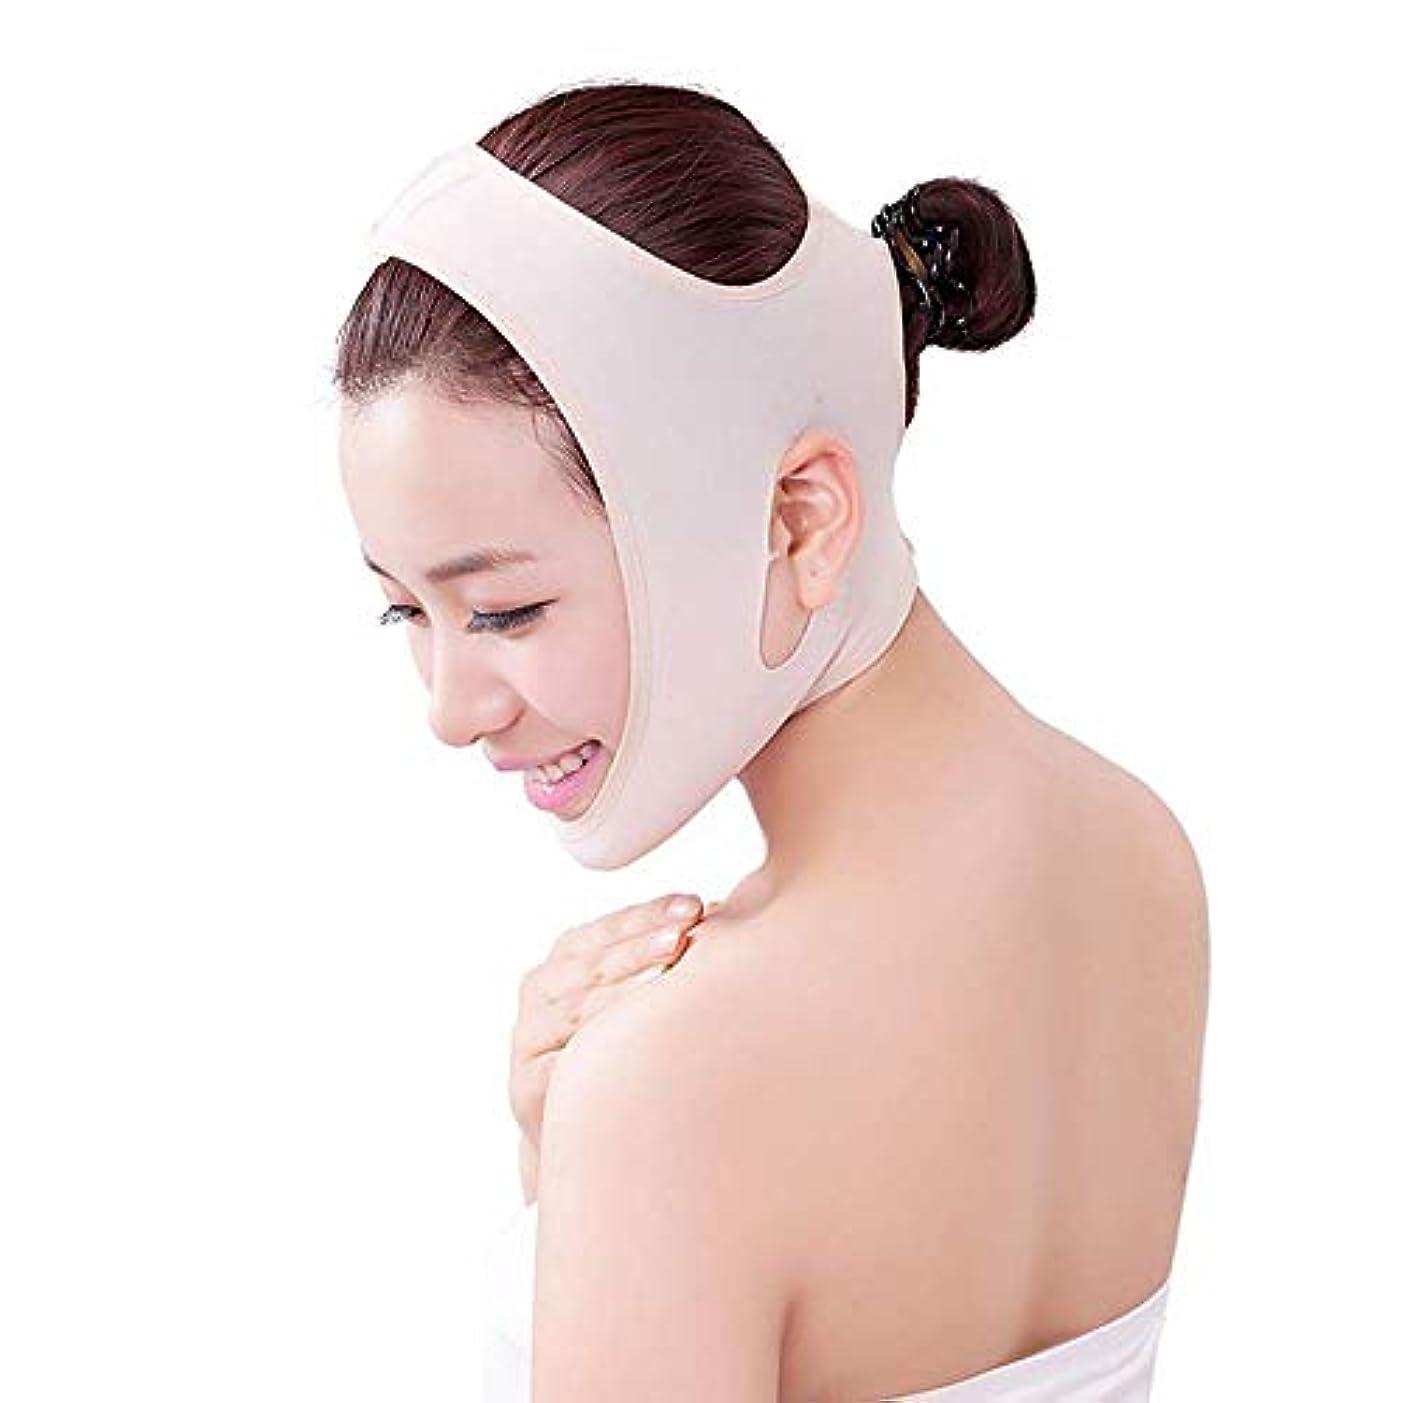 分食用シミュレートする薄型フェイスベルト - 男性用および女性用の包帯をフランスの顔用リフティングマスク器具に引き締める薄型フェイスVフェイス薄型ダブルチンフェイスリフティングベルト(サイズ:M),XS